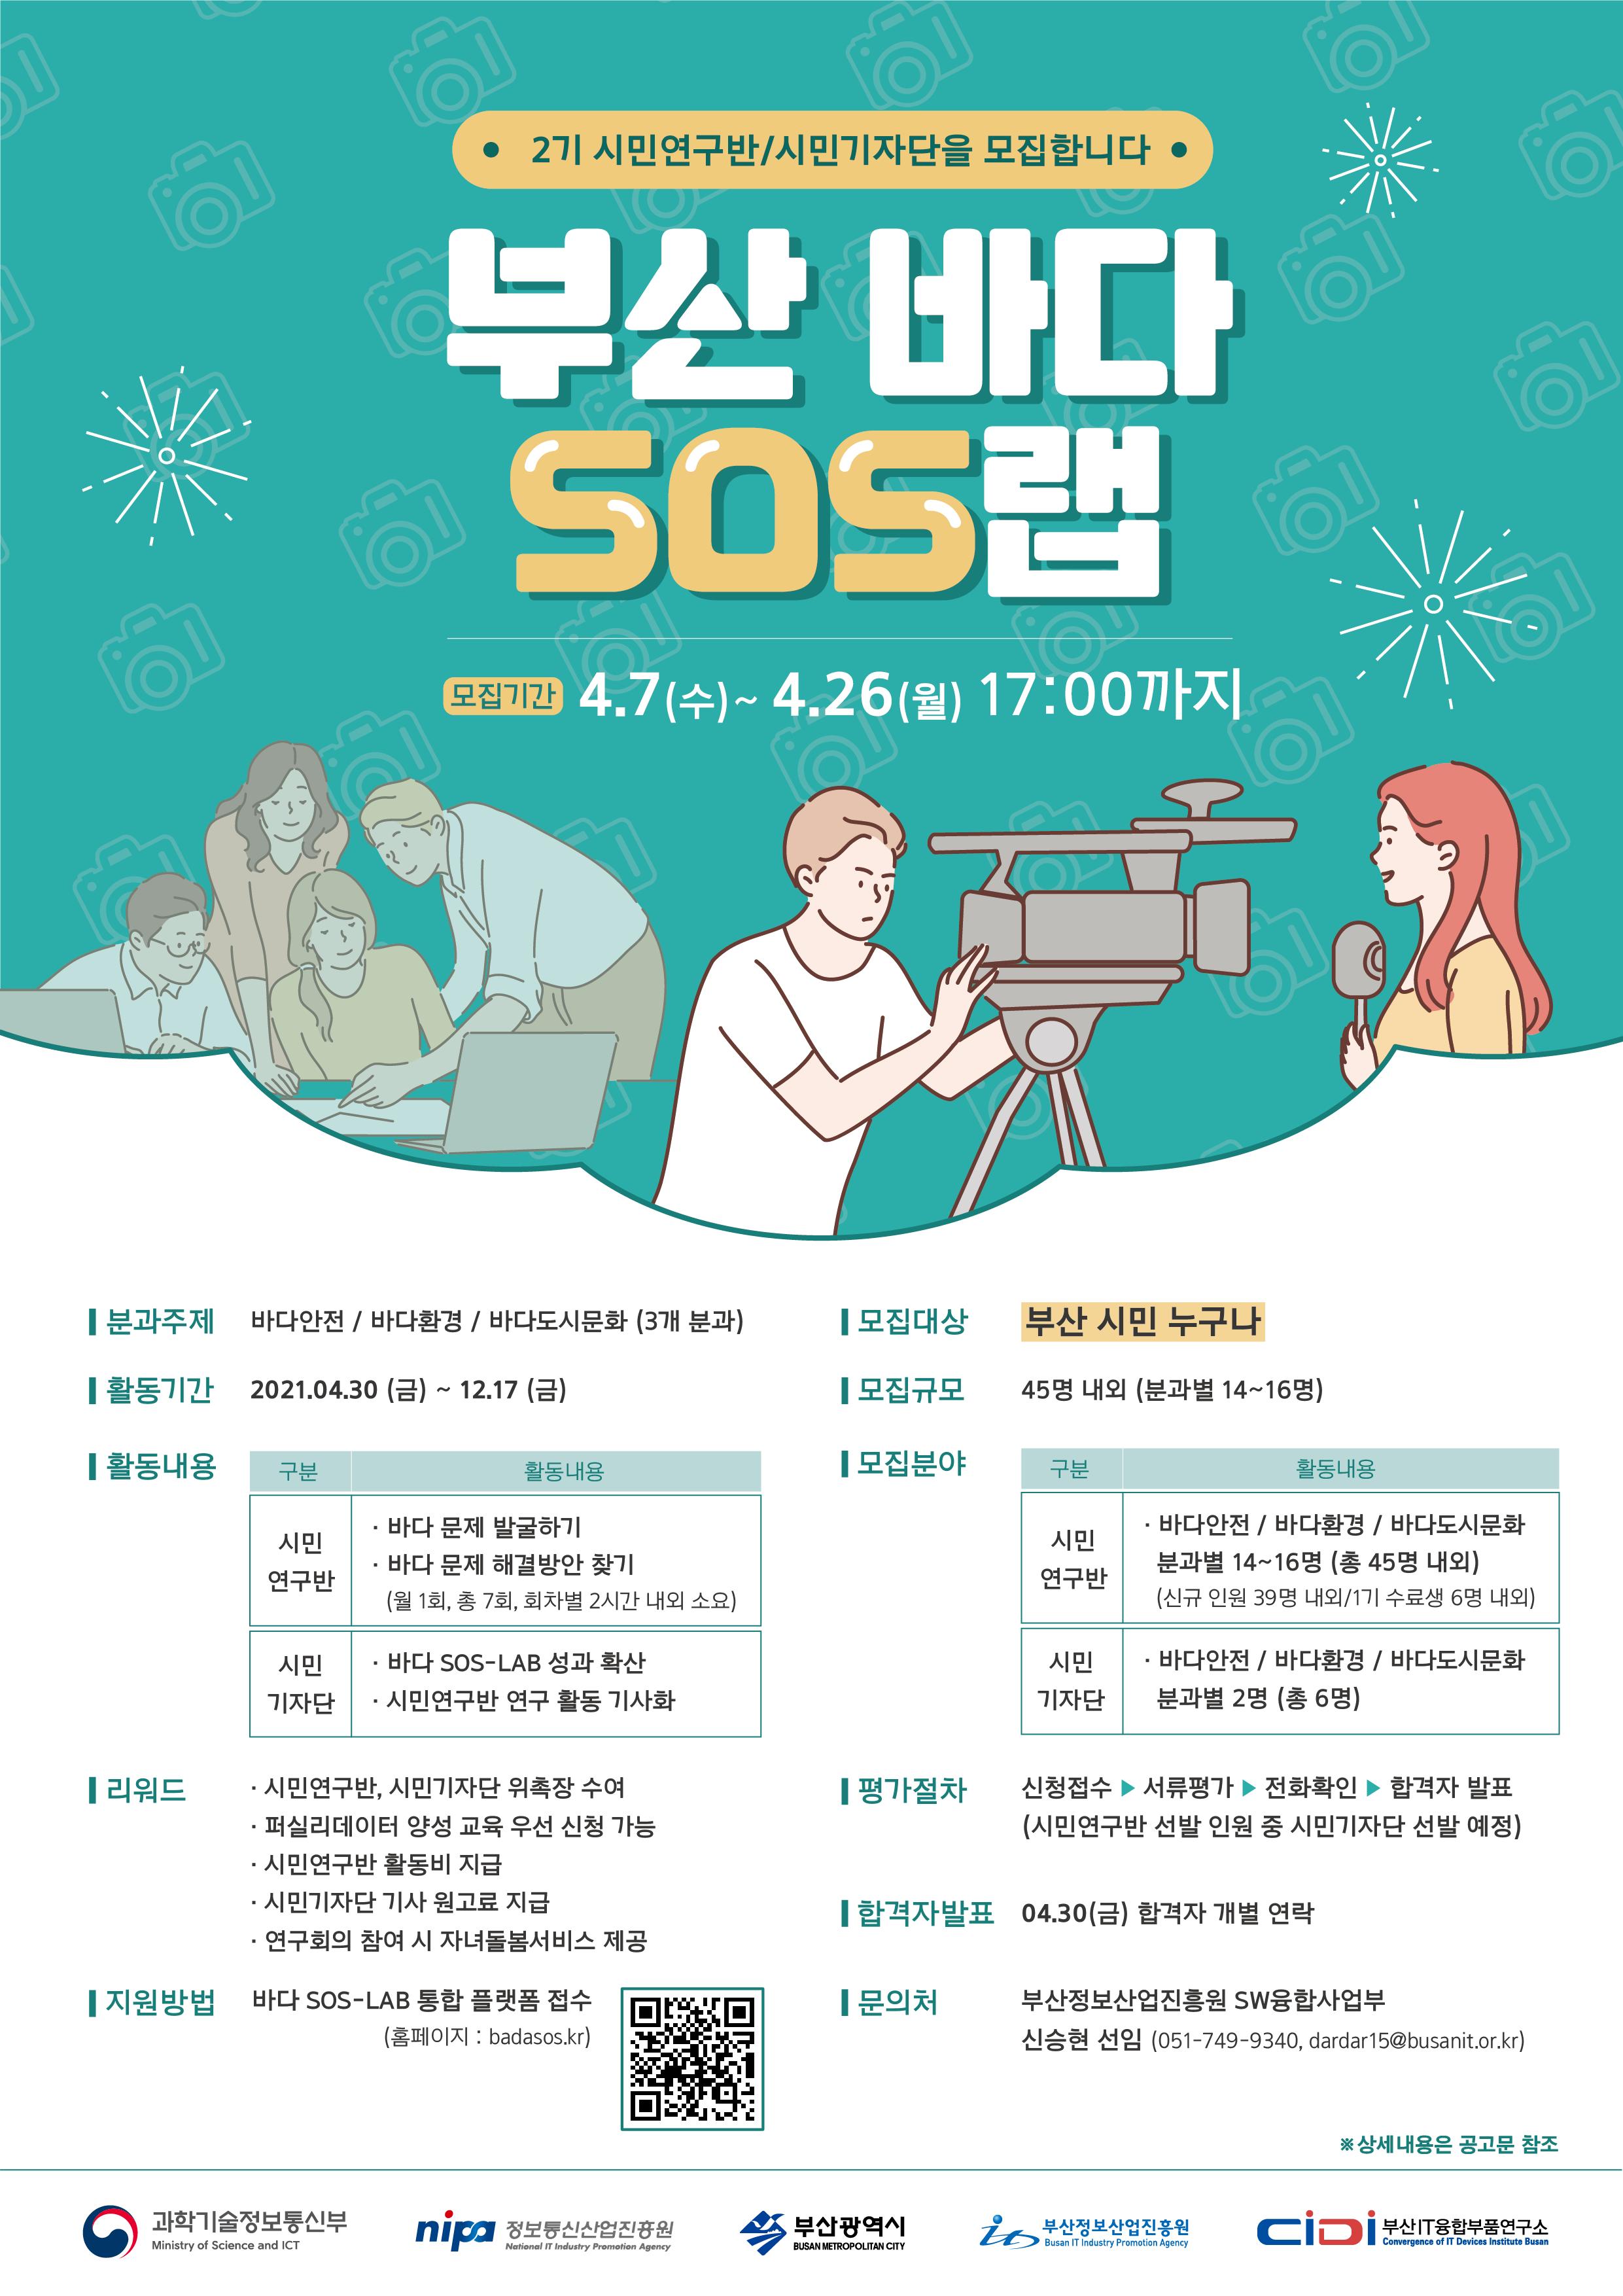 부산 바다 SOS랩 2기 시민연구반 및 기자단 모집